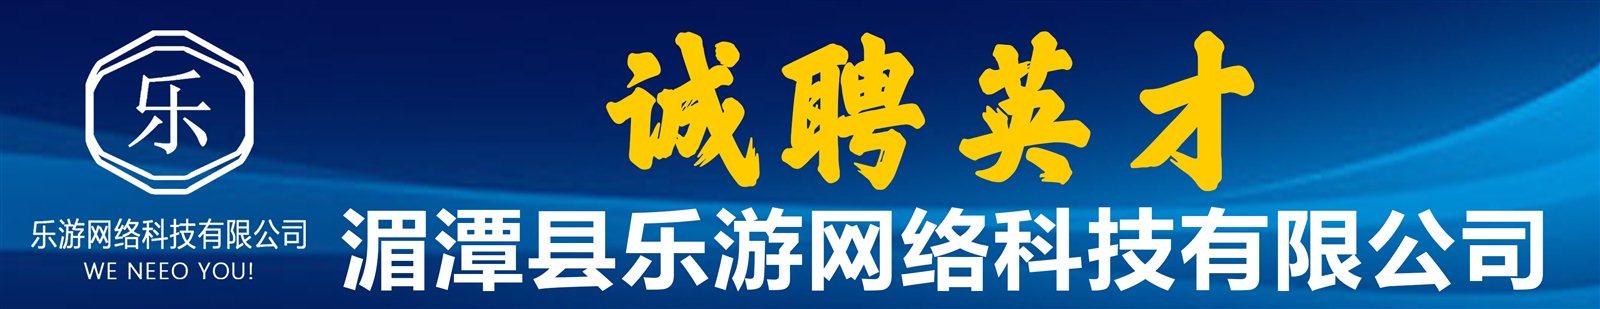 湄潭县乐游网络科技有限公司